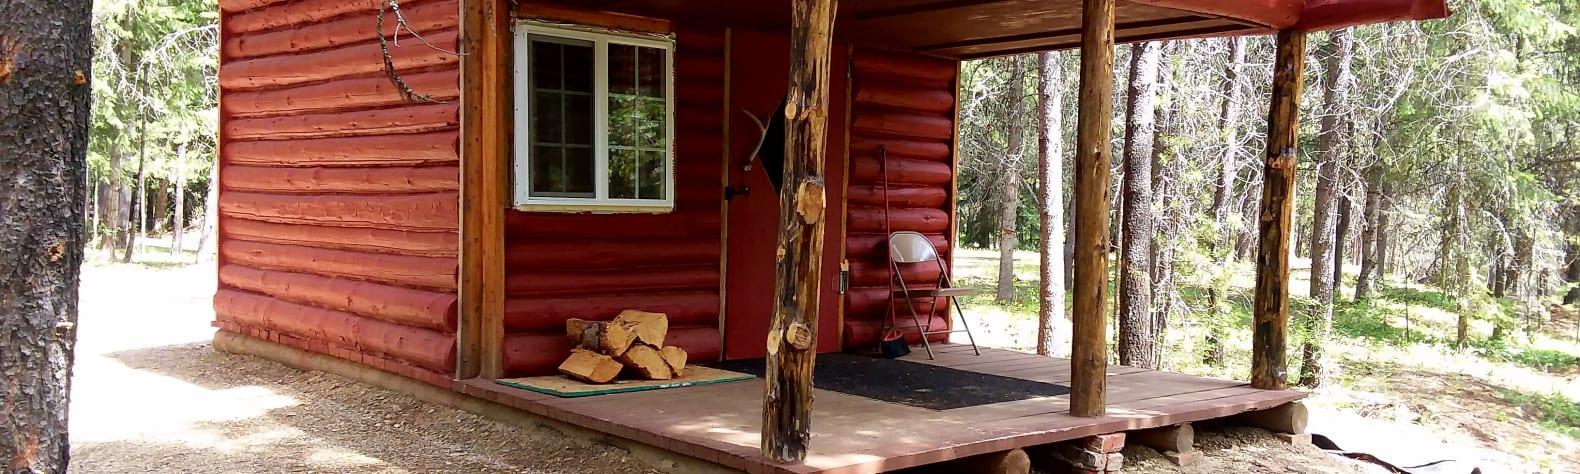 Montana Guest Ranch